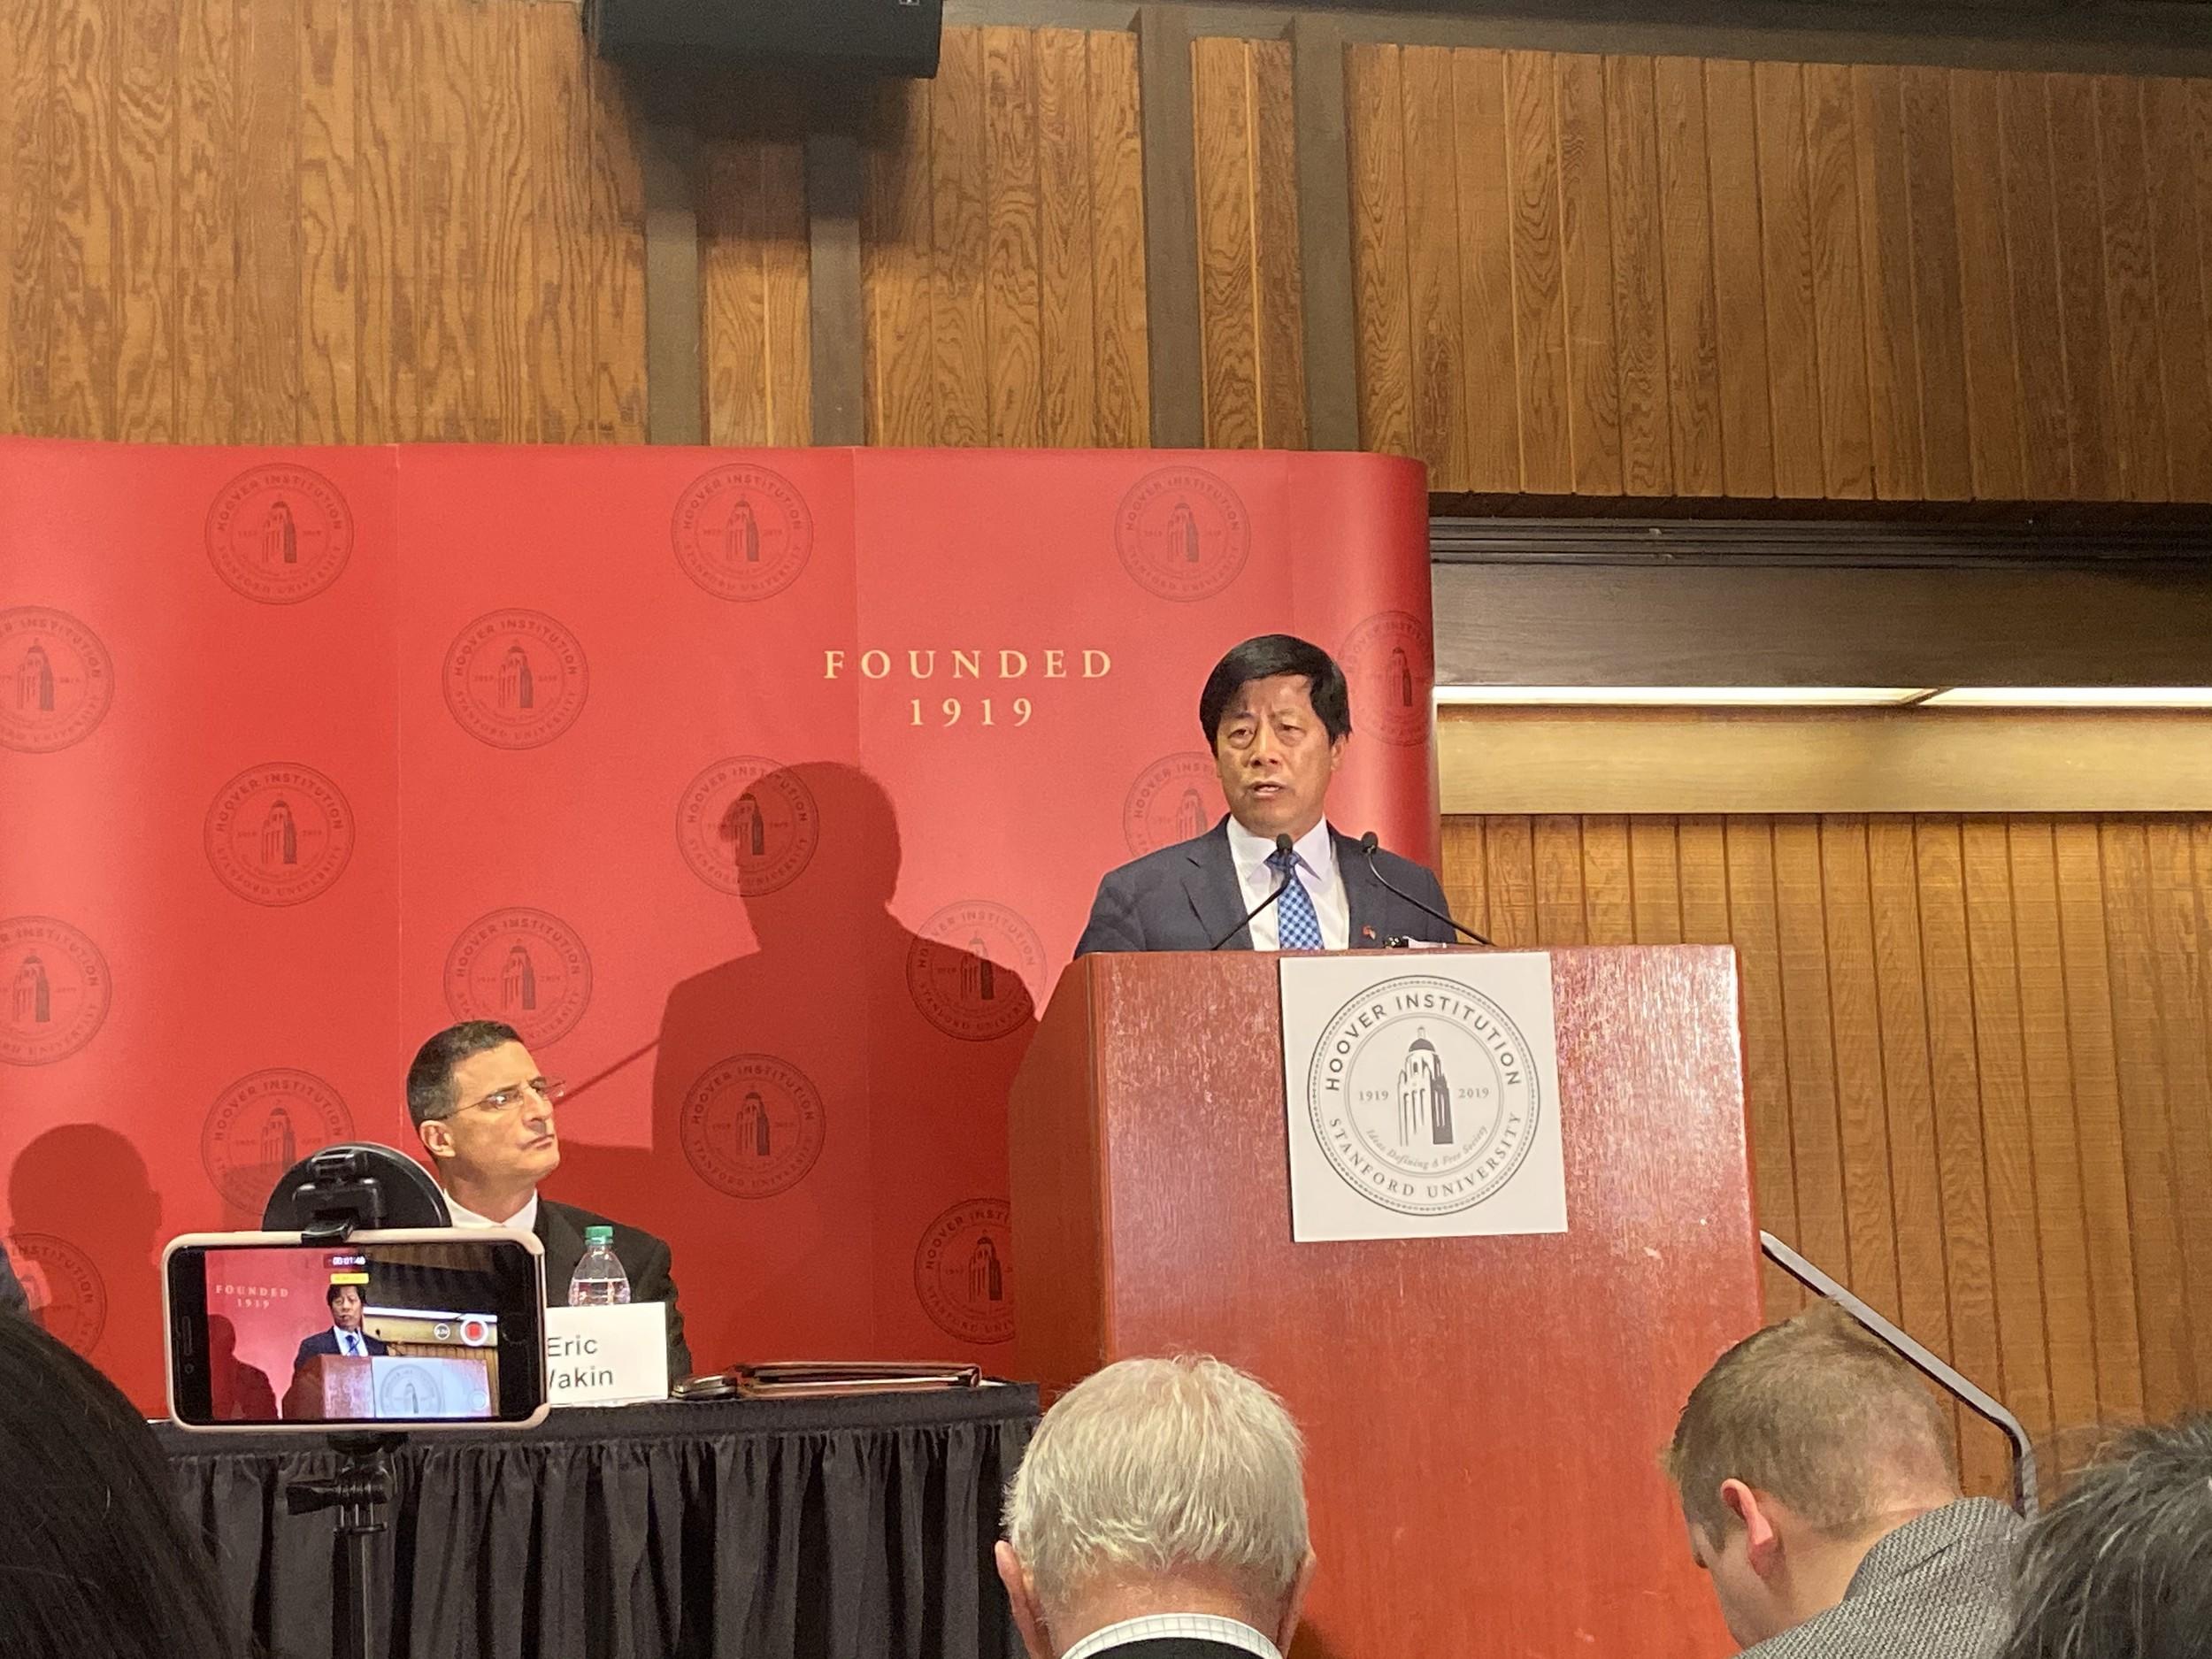 旧金山台北经济文化办事处处长马钟麟出席会议表示支持和感谢。(王允摄影)